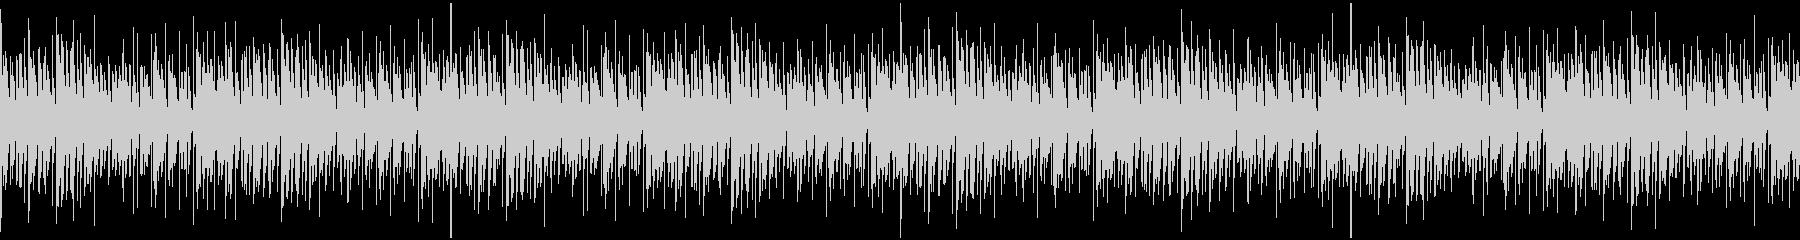 優しく切ない日常系BGM(ループ) aの未再生の波形